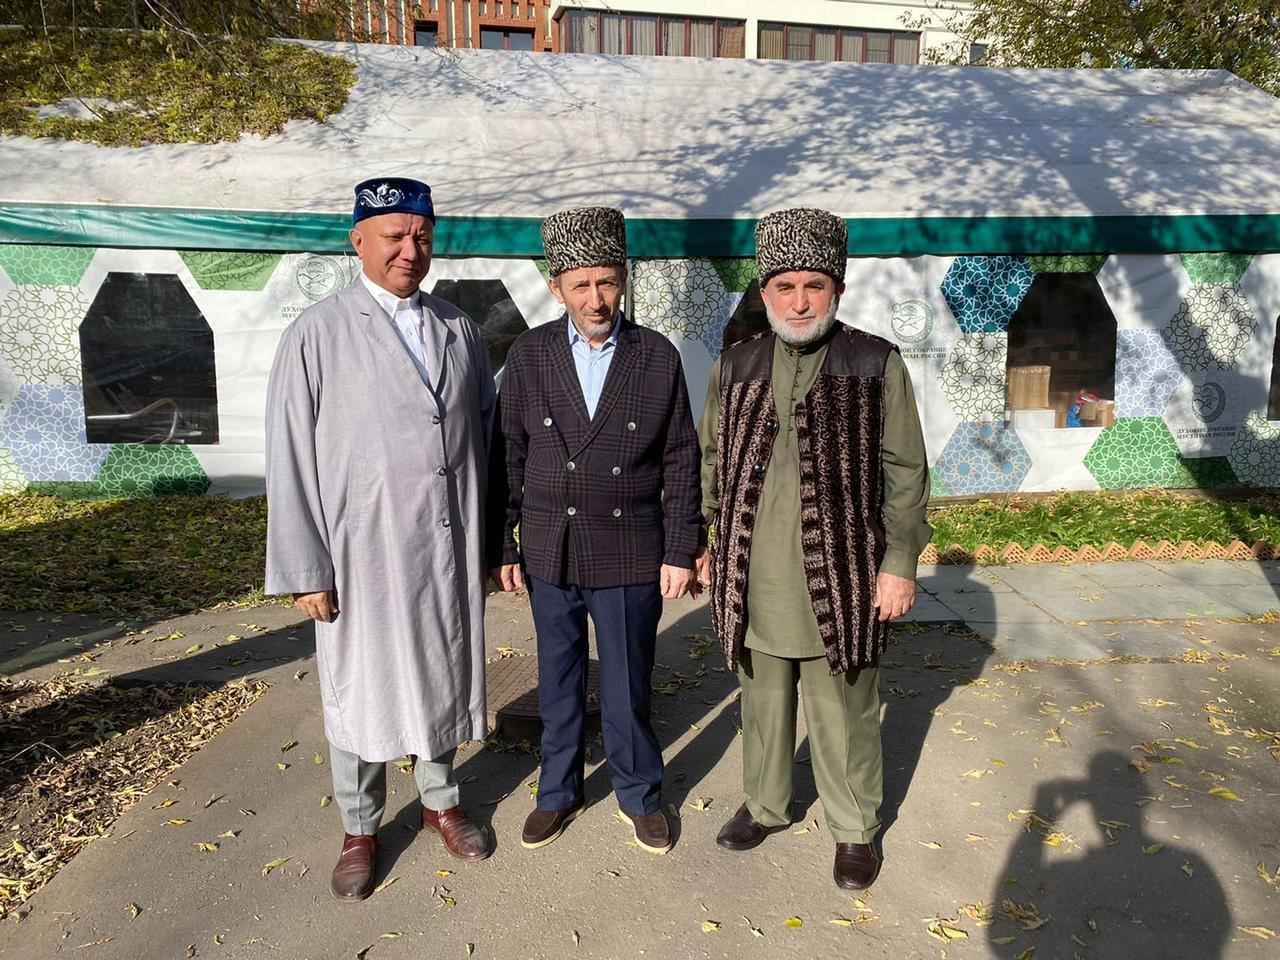 Братская встреча главы ДСМР муфтия Крганова с муфтиями Кавказа